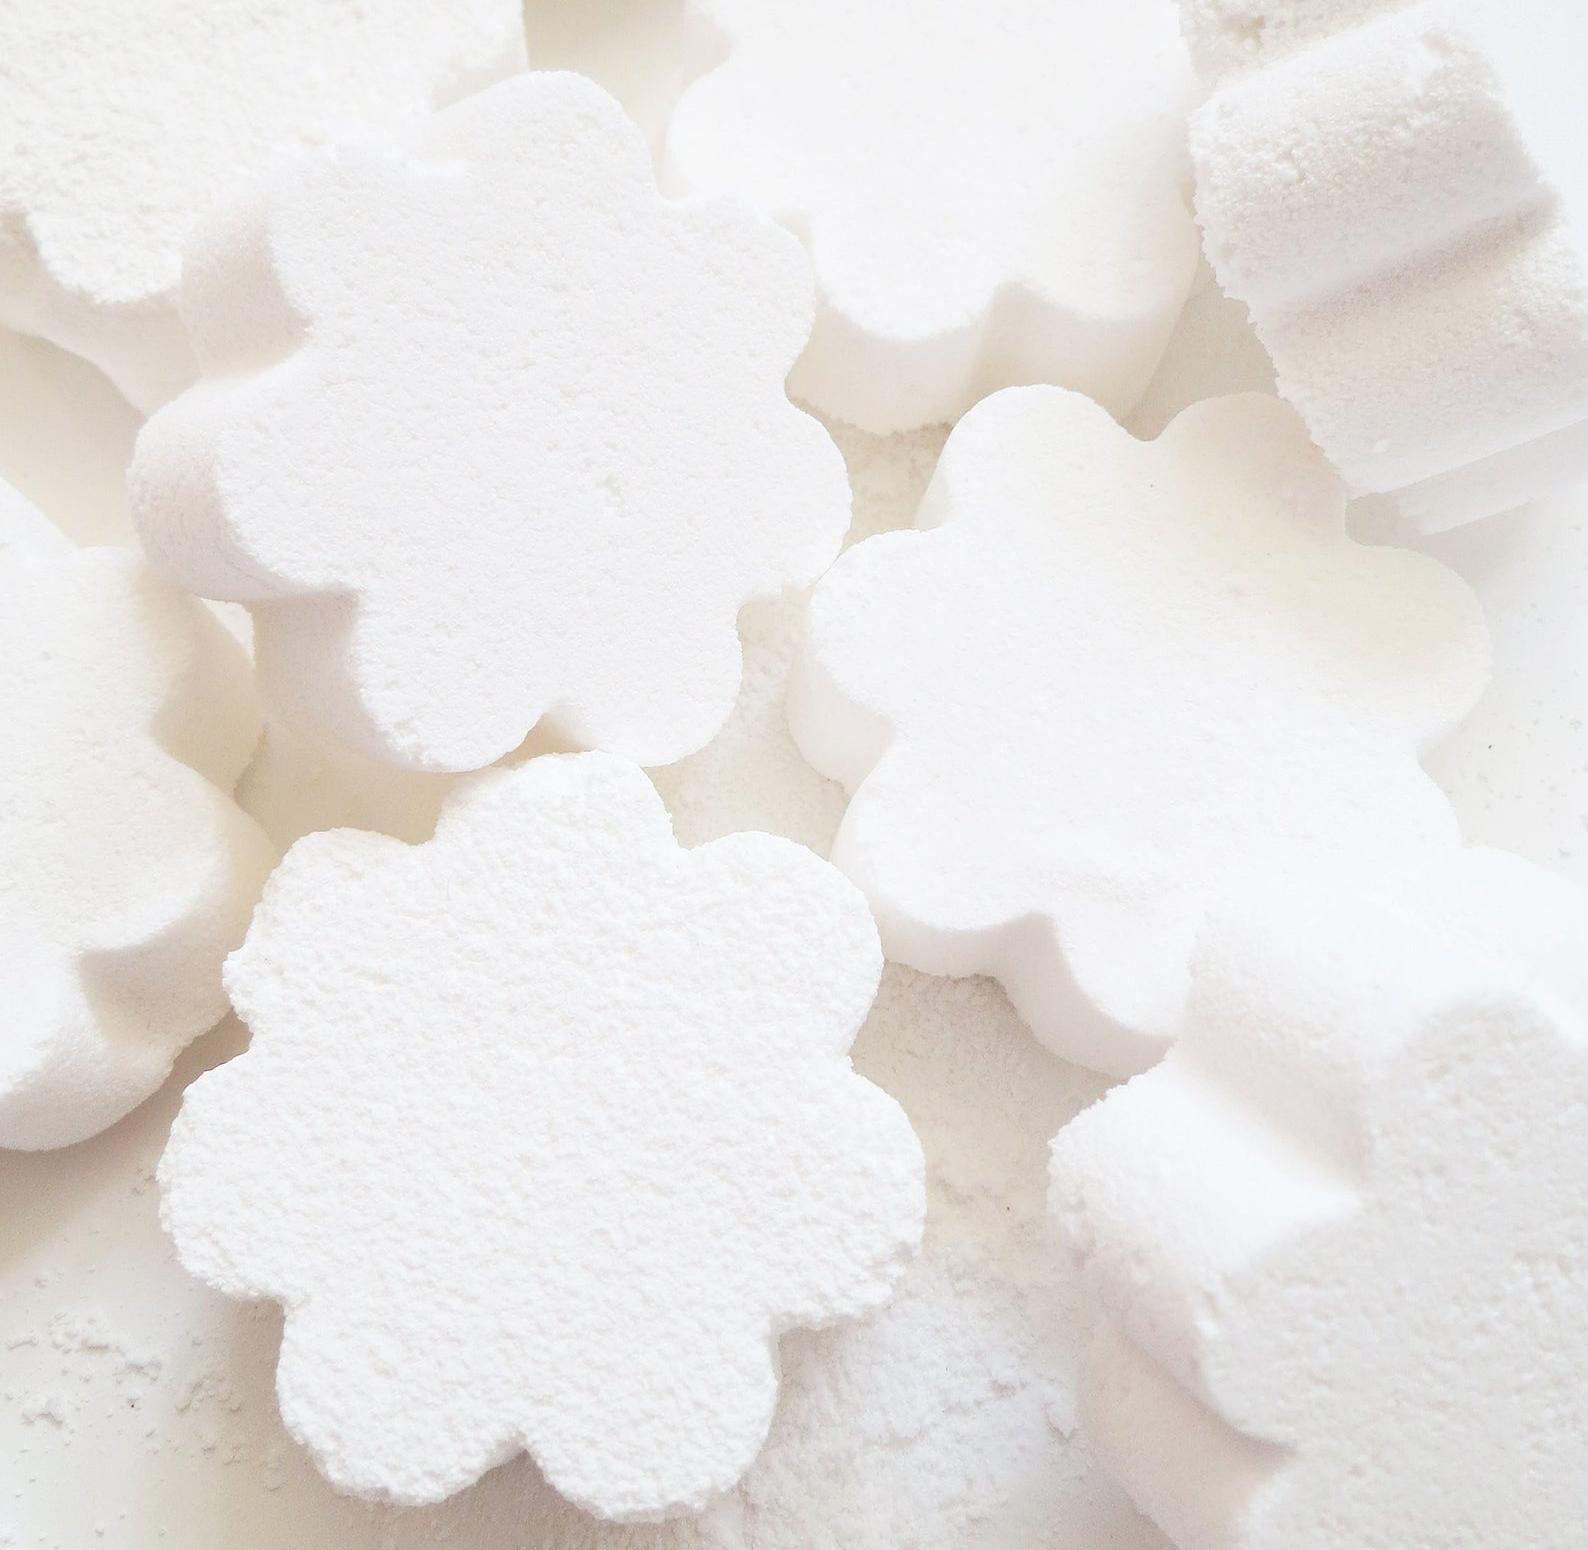 White flower-shaped toilet bombs